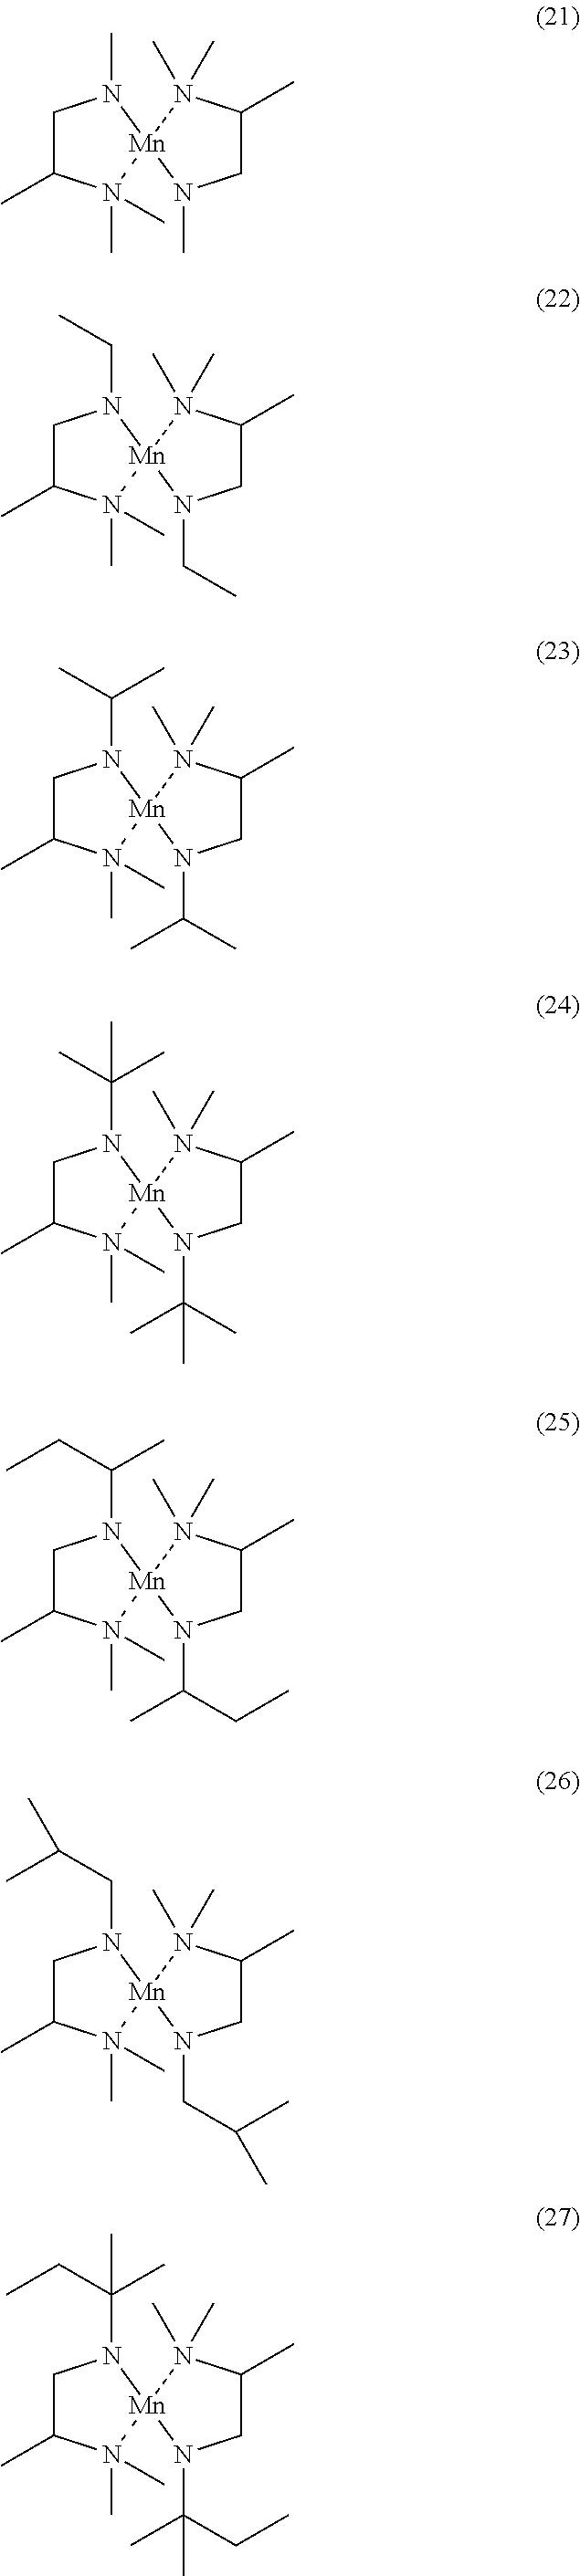 Figure US08871304-20141028-C00102